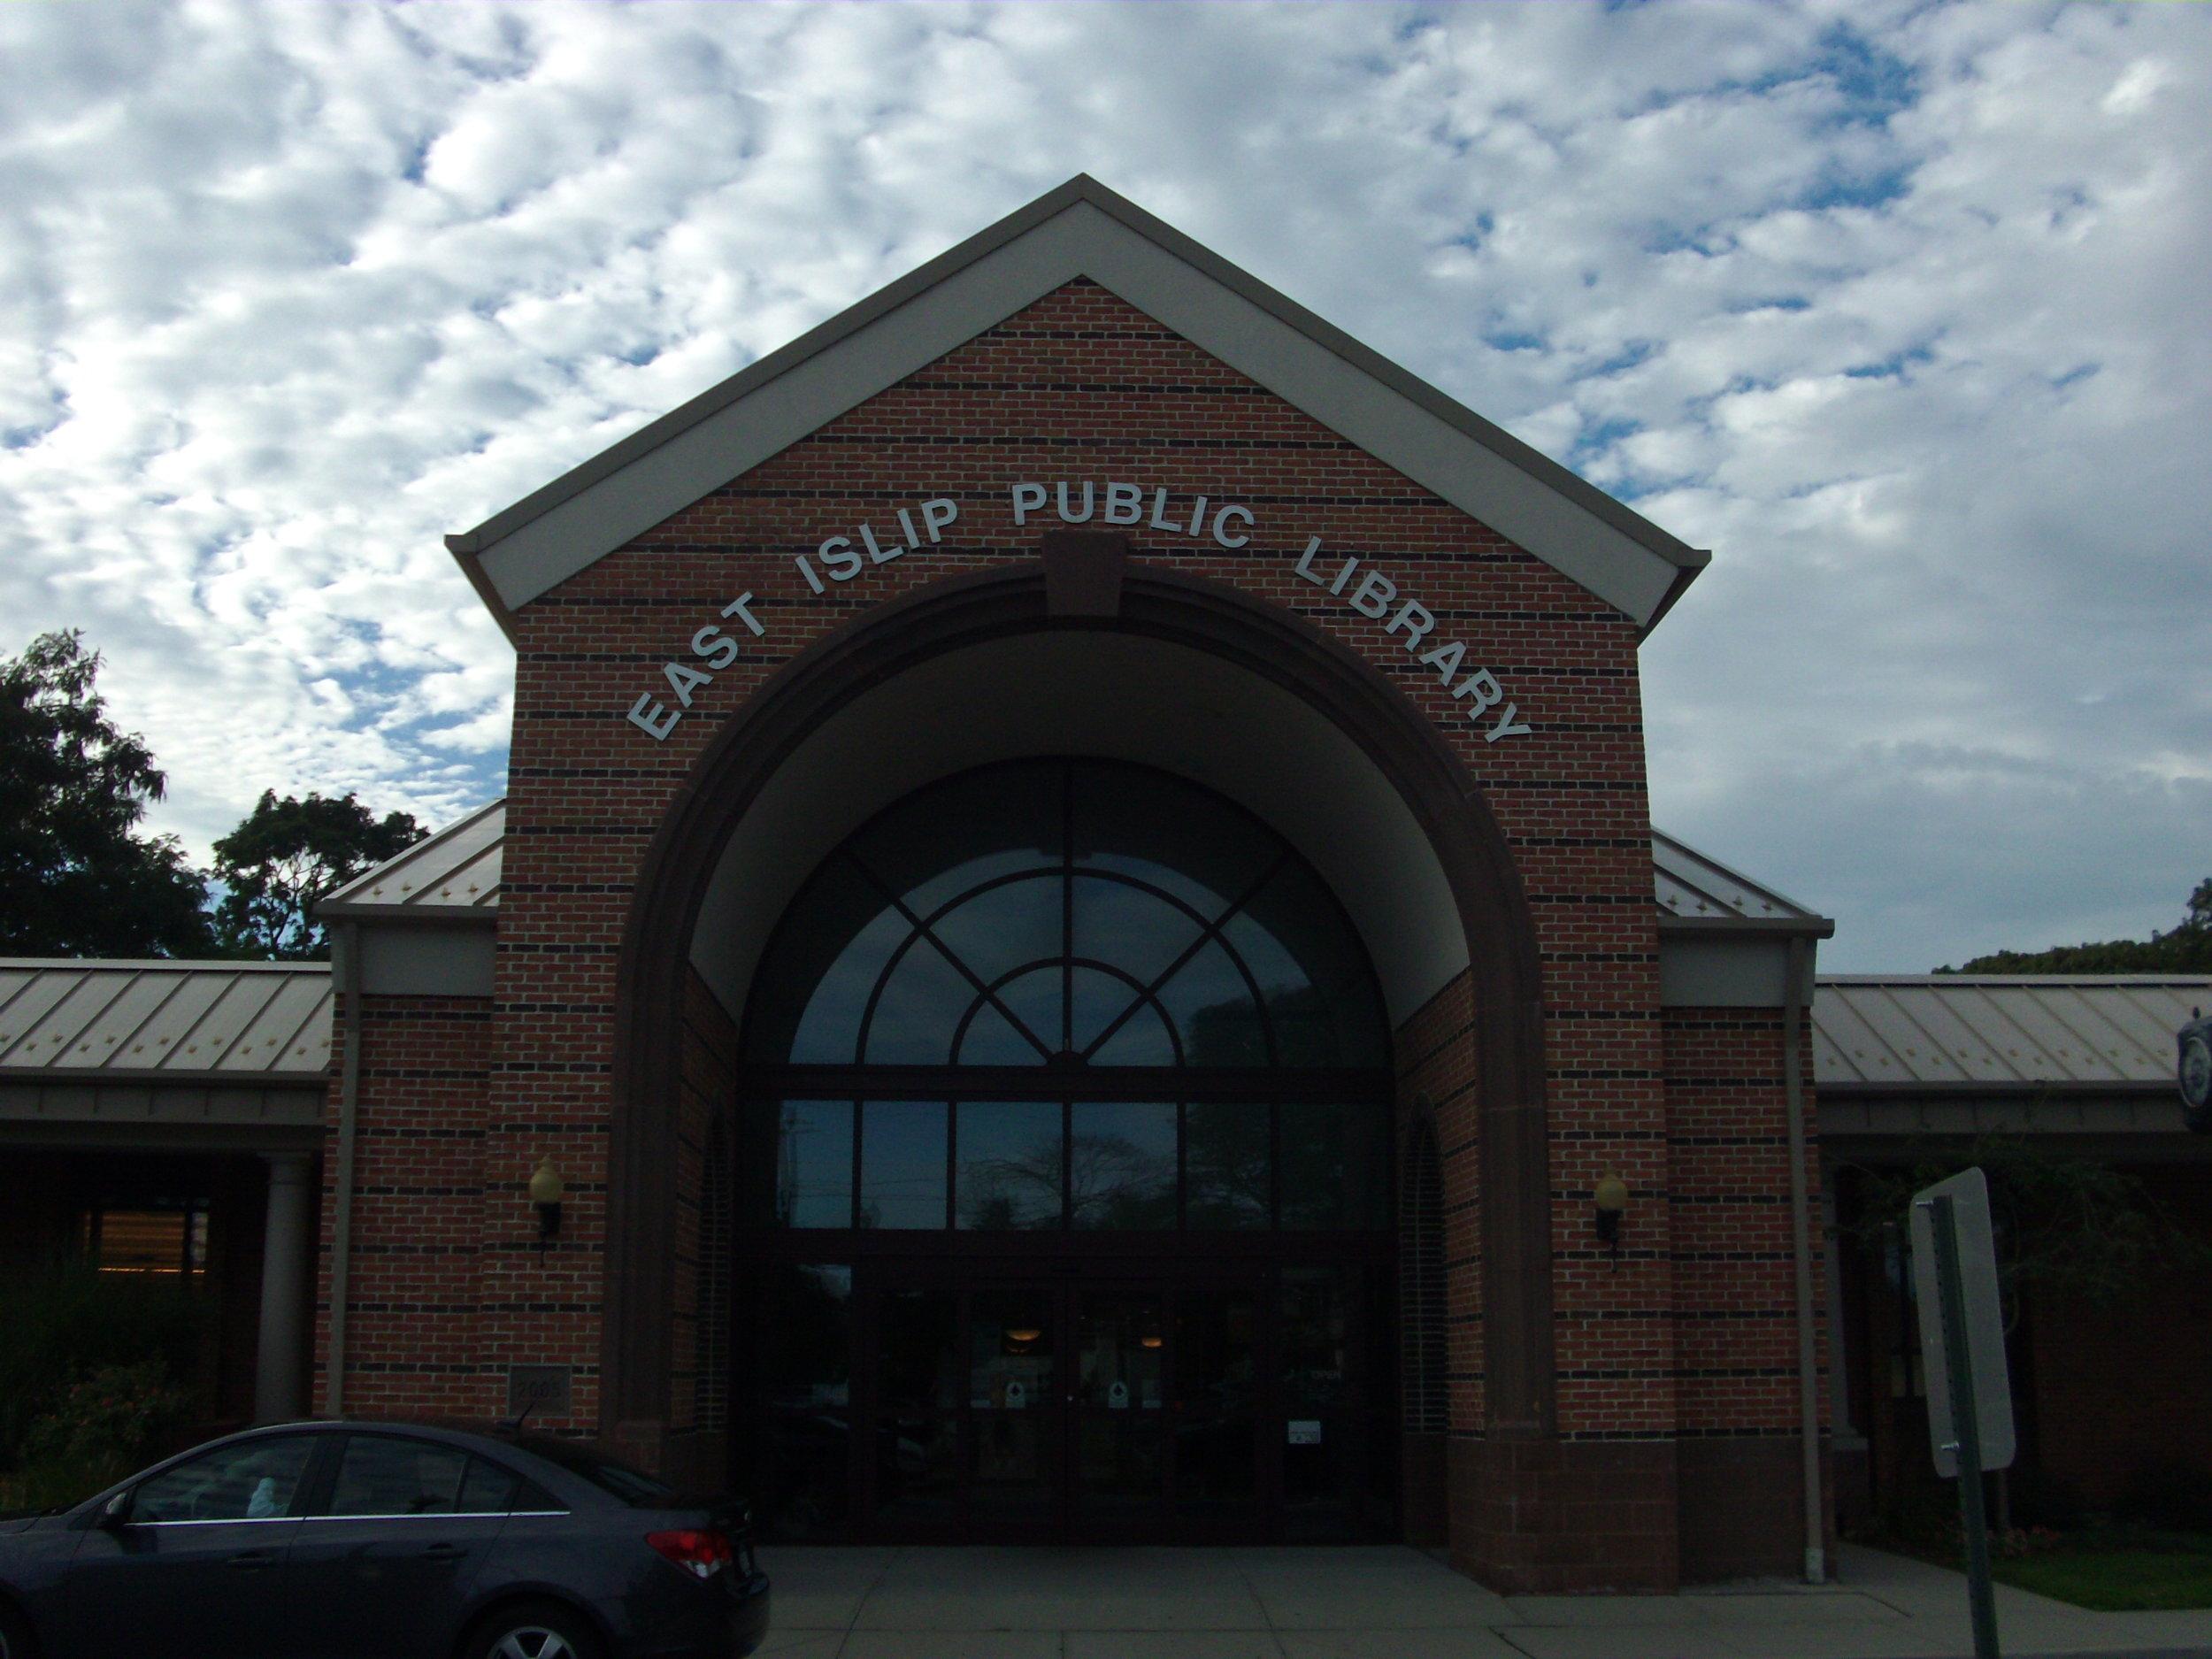 E. Islip Public Library